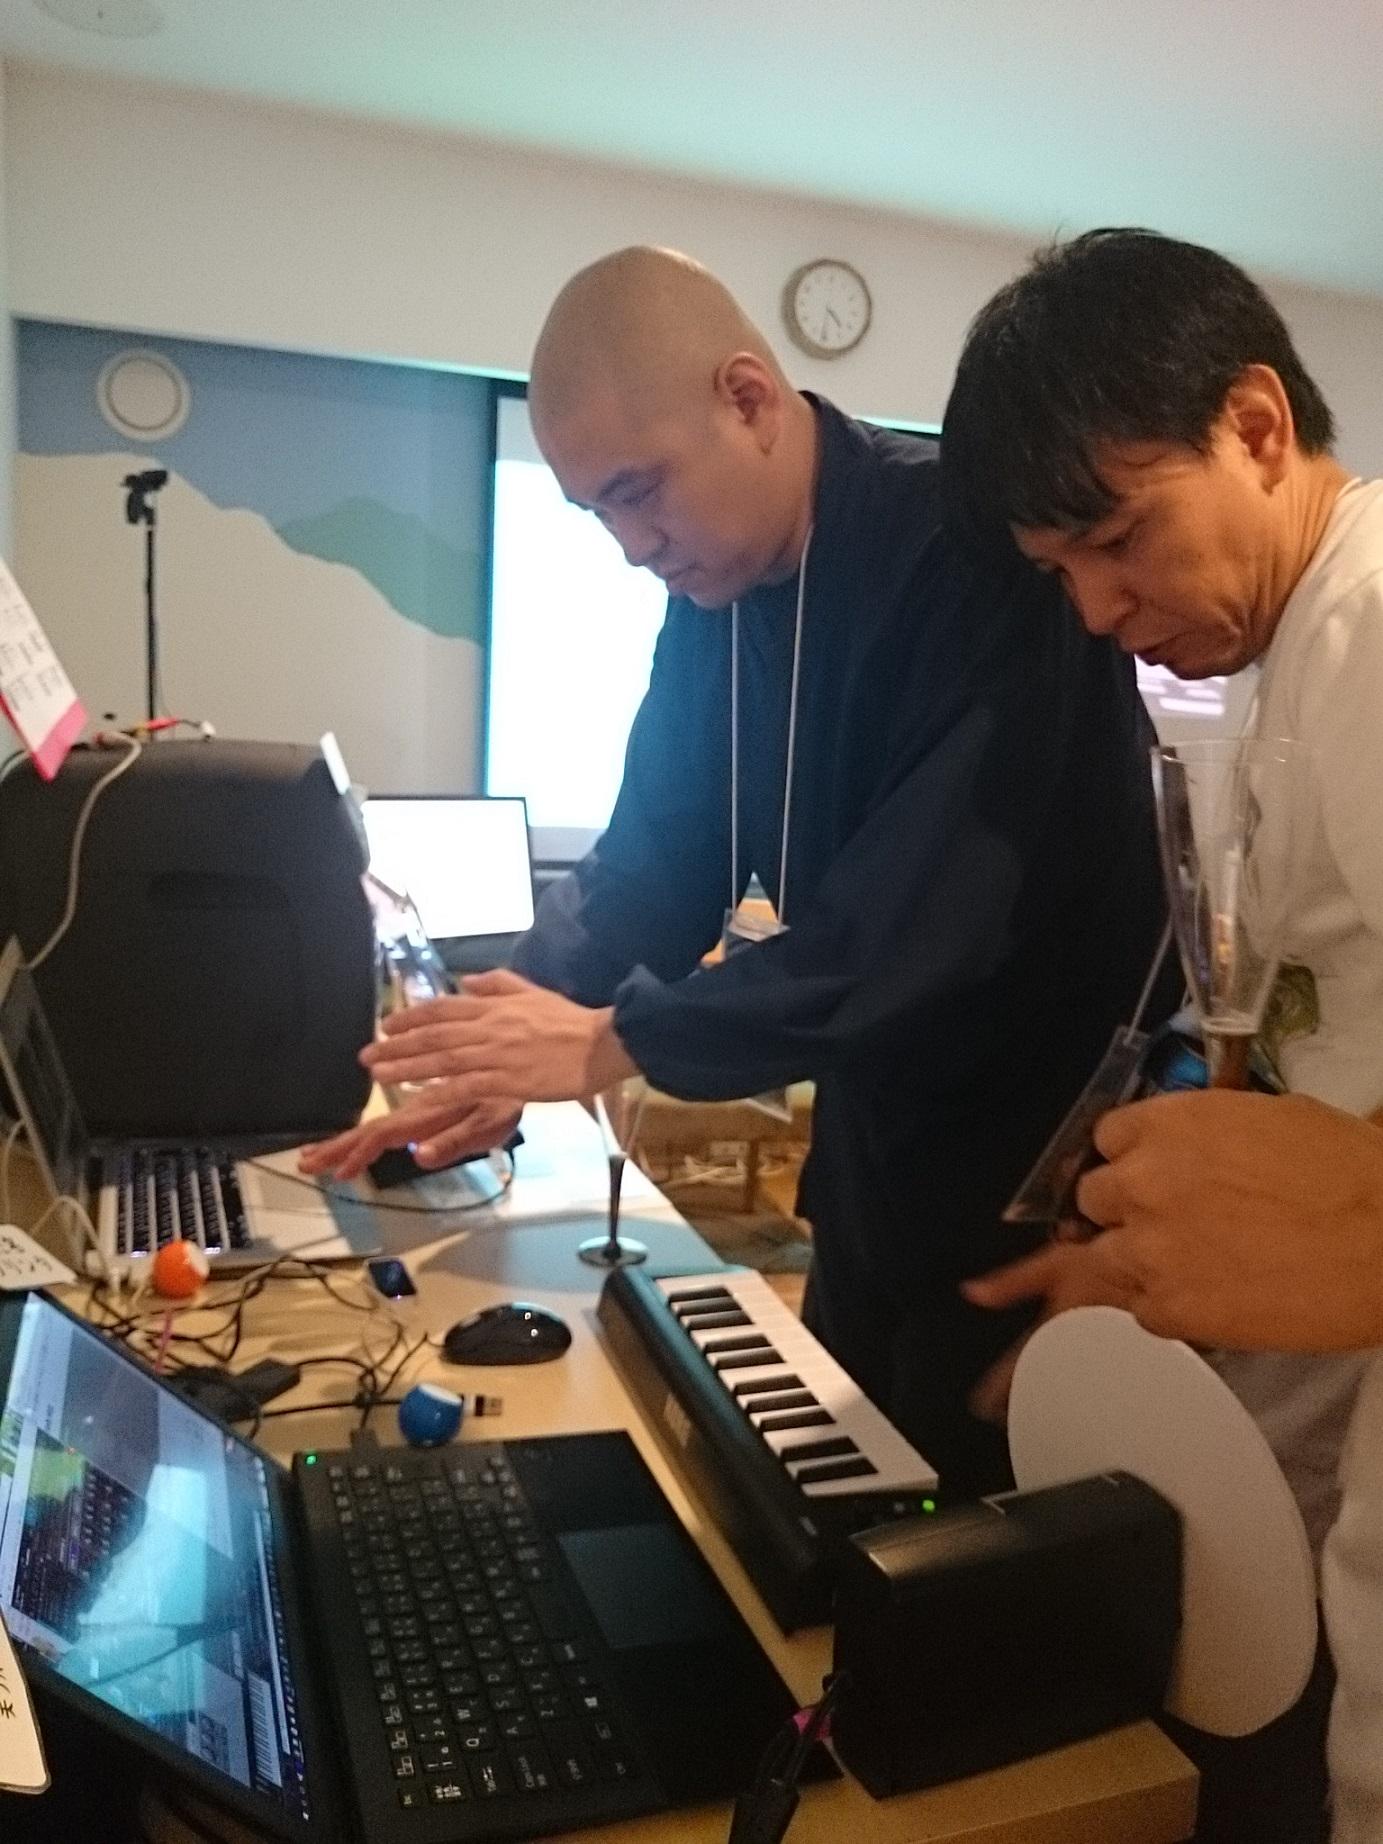 空実島で「音楽」といえばの宮島靖作「テルミン」に青江住職も真剣チャレンジ!